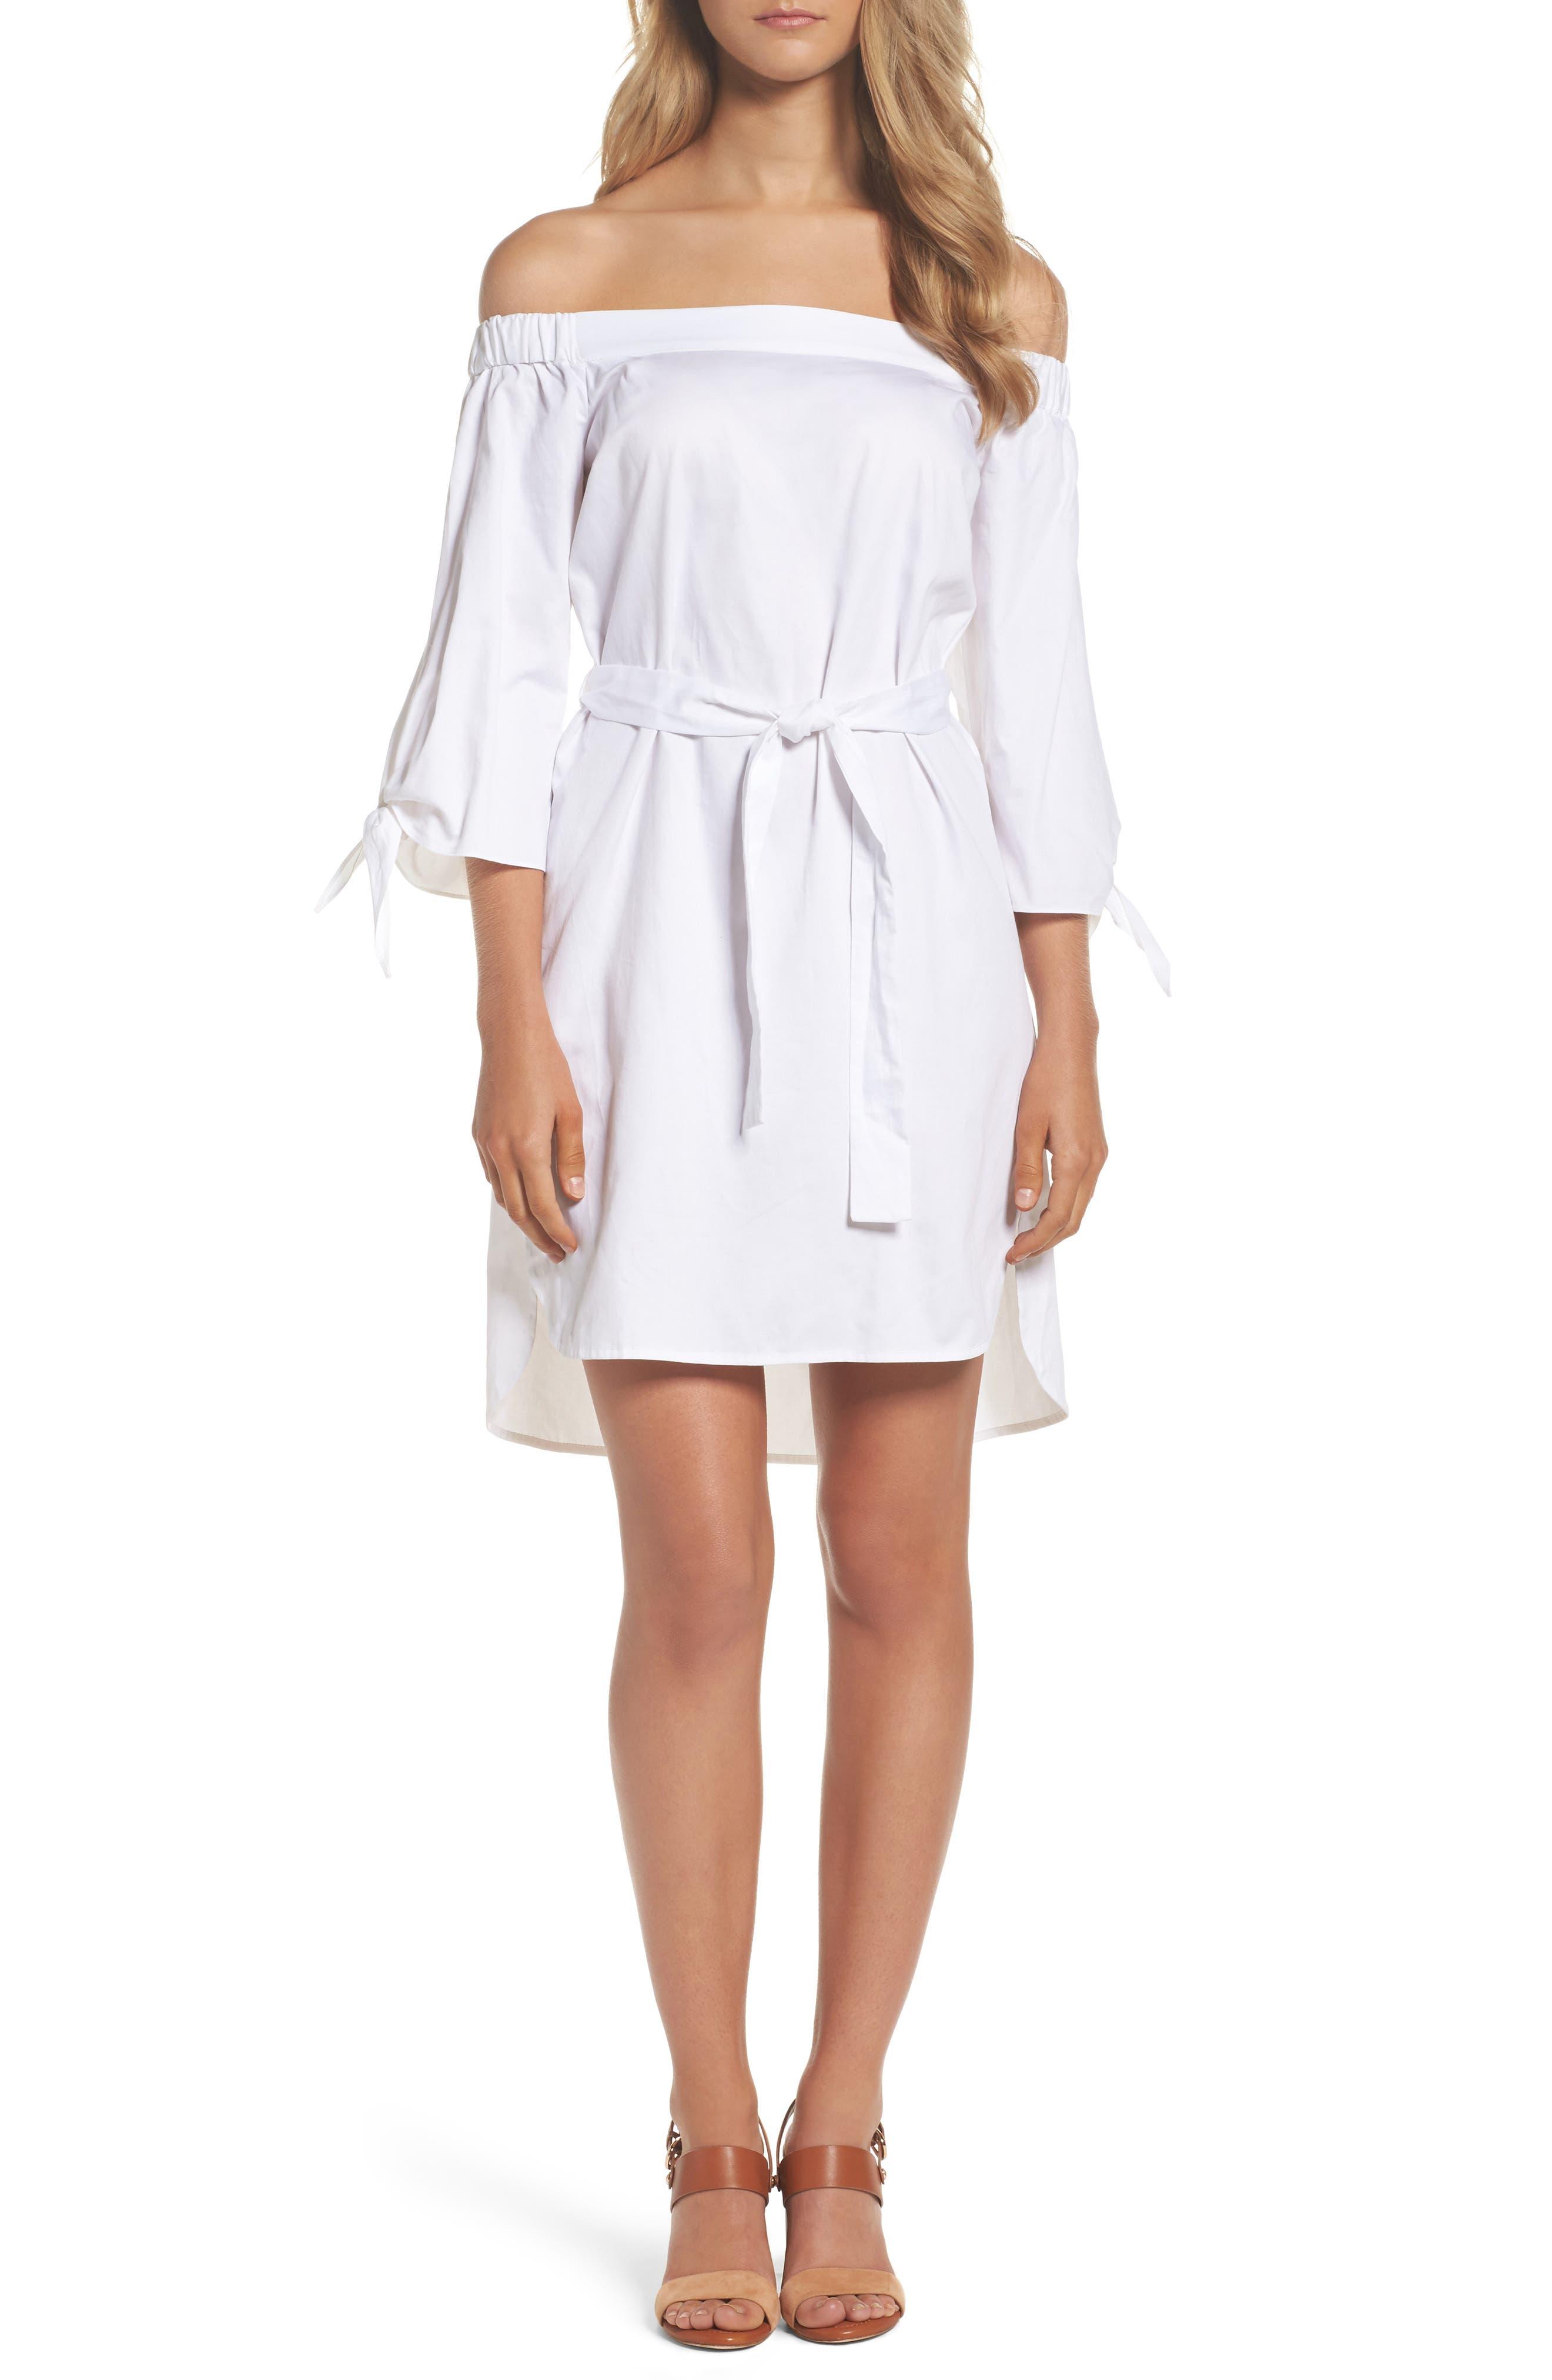 Bardot Off the Shoulder Dress